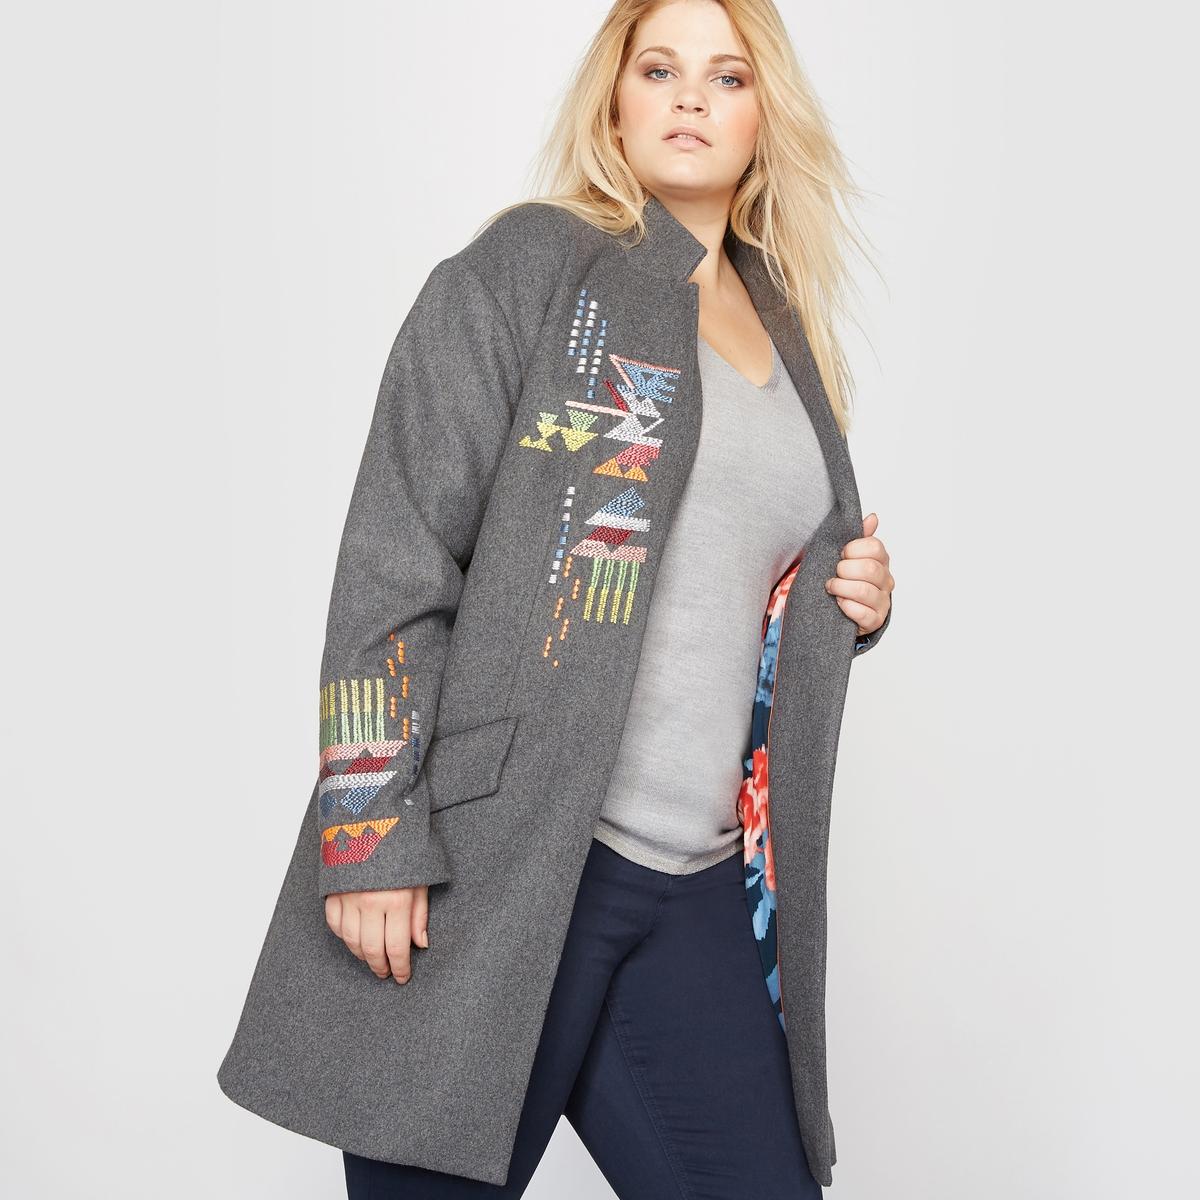 Пальто с вышивкойКороткое пальто с вышивкой. Оно станет любимым предметом Вашего гардероба.Вышивка с тиле майя спереди и по краям рукавов с приспущенной проймой.Прямой стоячий воротник.2 кармана с клапанами спереди.Состав и характеристики :Материал : 43% полиэстера, 38% шерсти, 11% акрила, 3% полиамида, 3% хлопка, 2% вискозы.Длина : 92 см.Марка : CASTALUNA.Уход :Рекомендуется сухая (химическая) чистка.<br><br>Цвет: серый меланж<br>Размер: 52 (FR) - 58 (RUS)